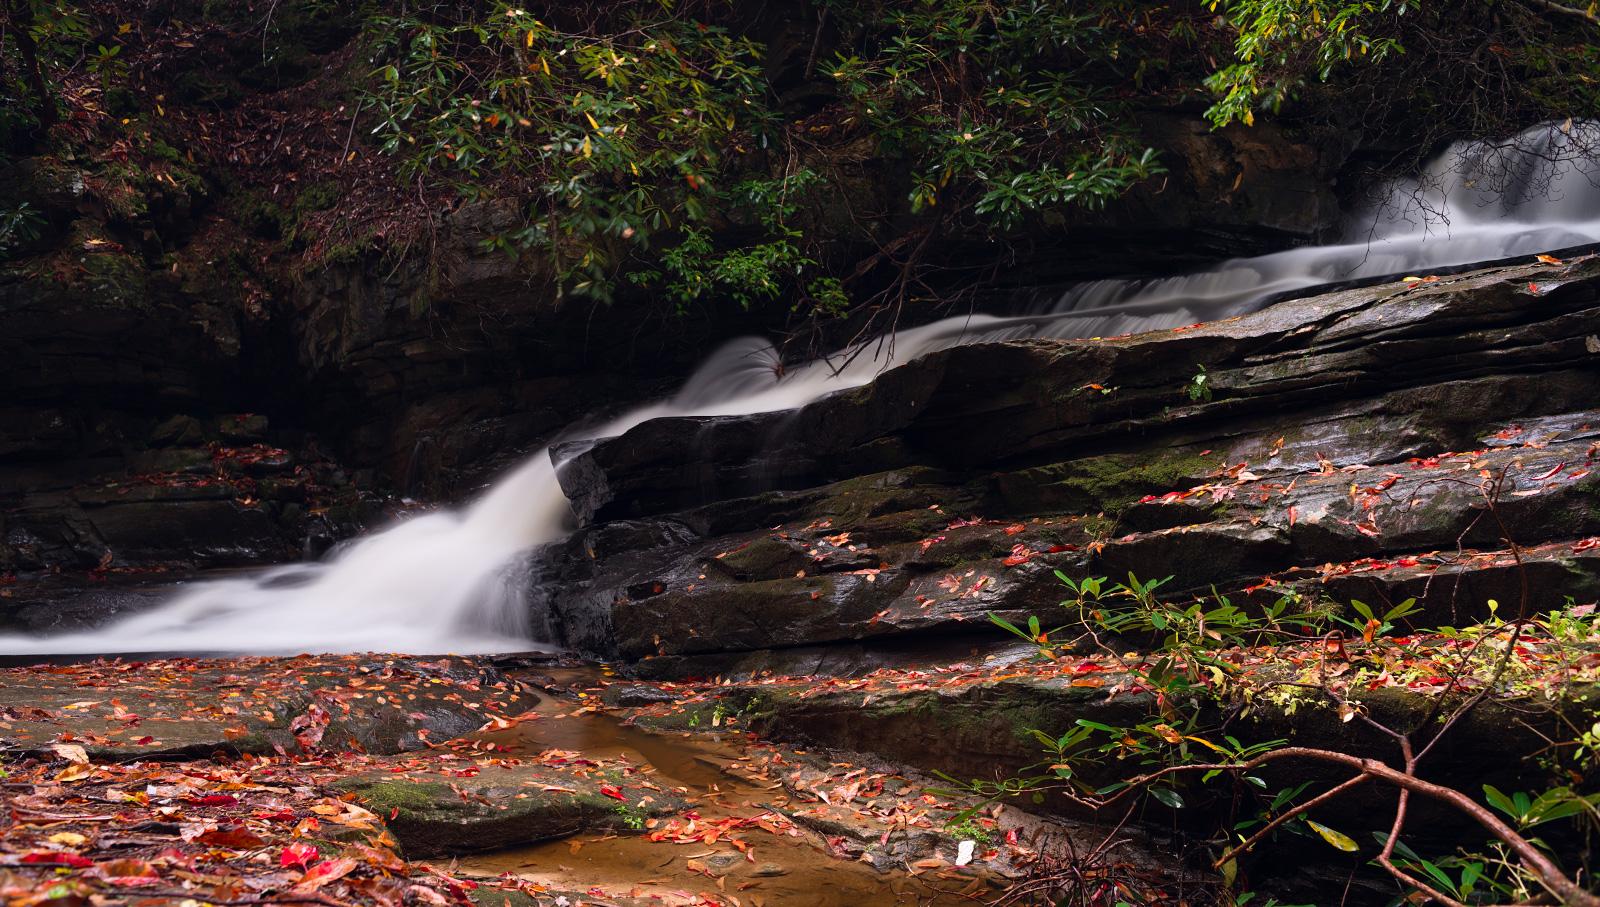 Panther-Creek-Falls-Lower-Falls.jpg